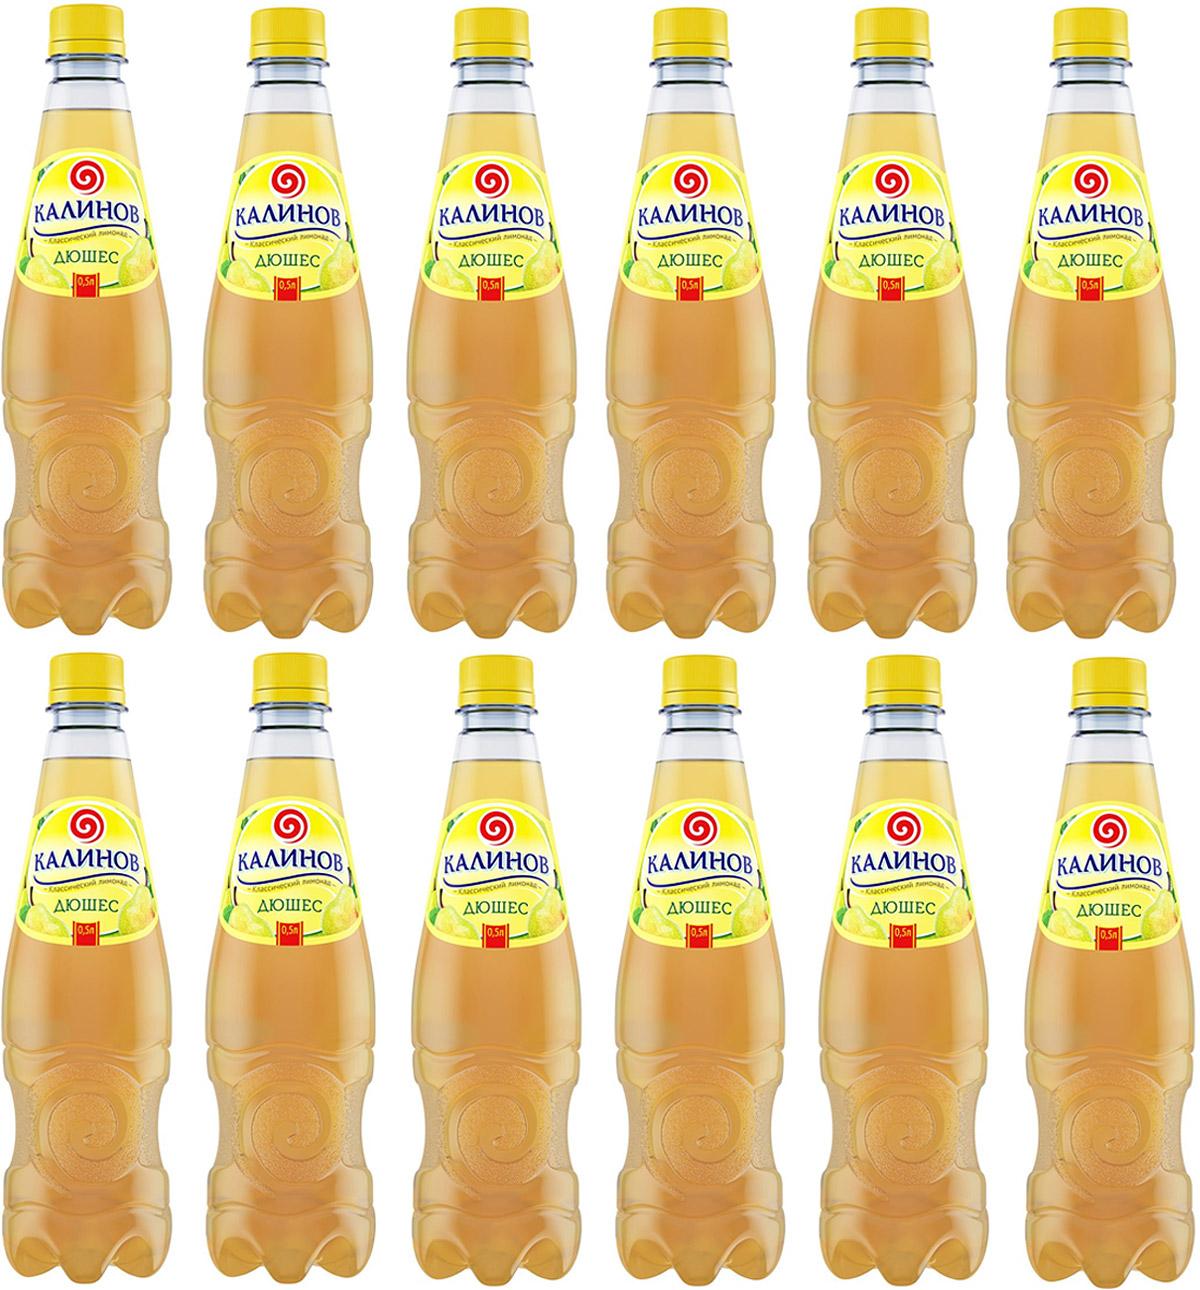 Калинов Лимонад Дюшес, 12 шт по 0,5 л калинов лимонад буратино 12 шт по 0 5 л